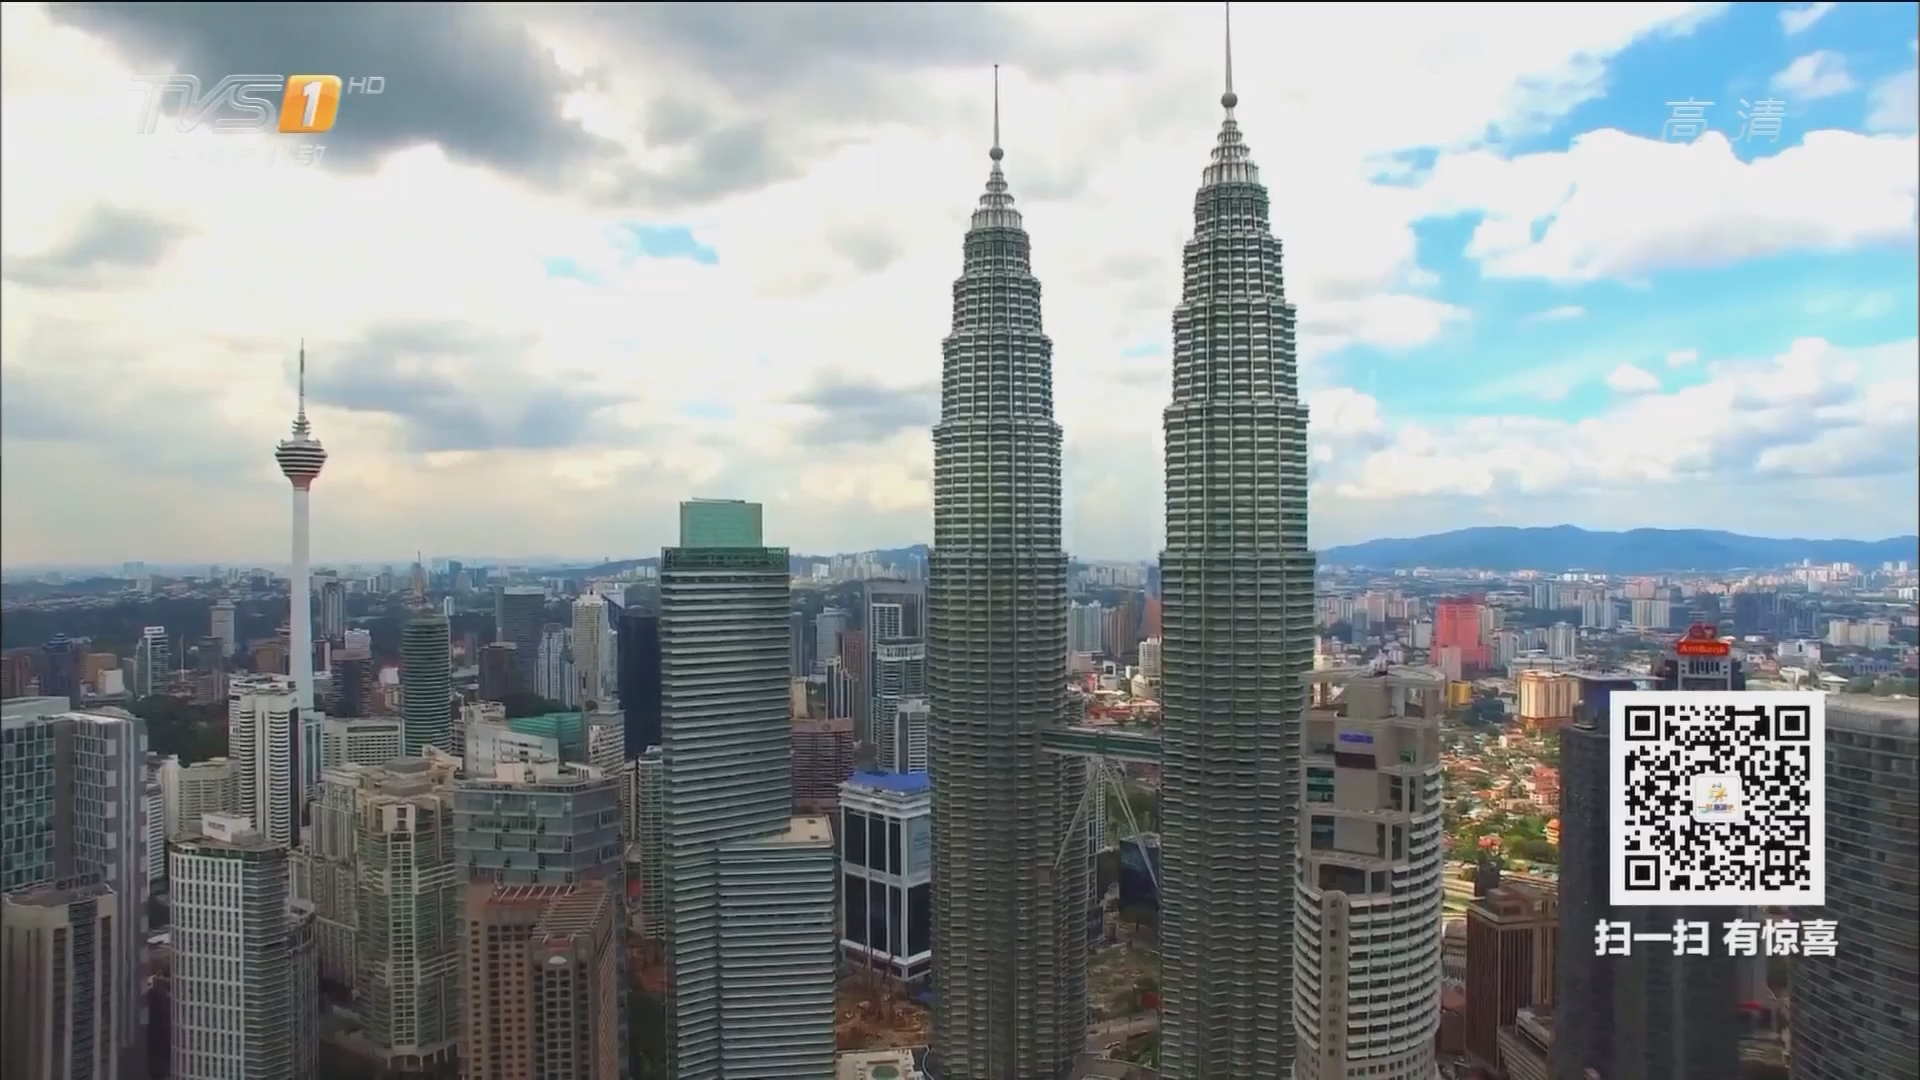 马来西亚——吉隆坡